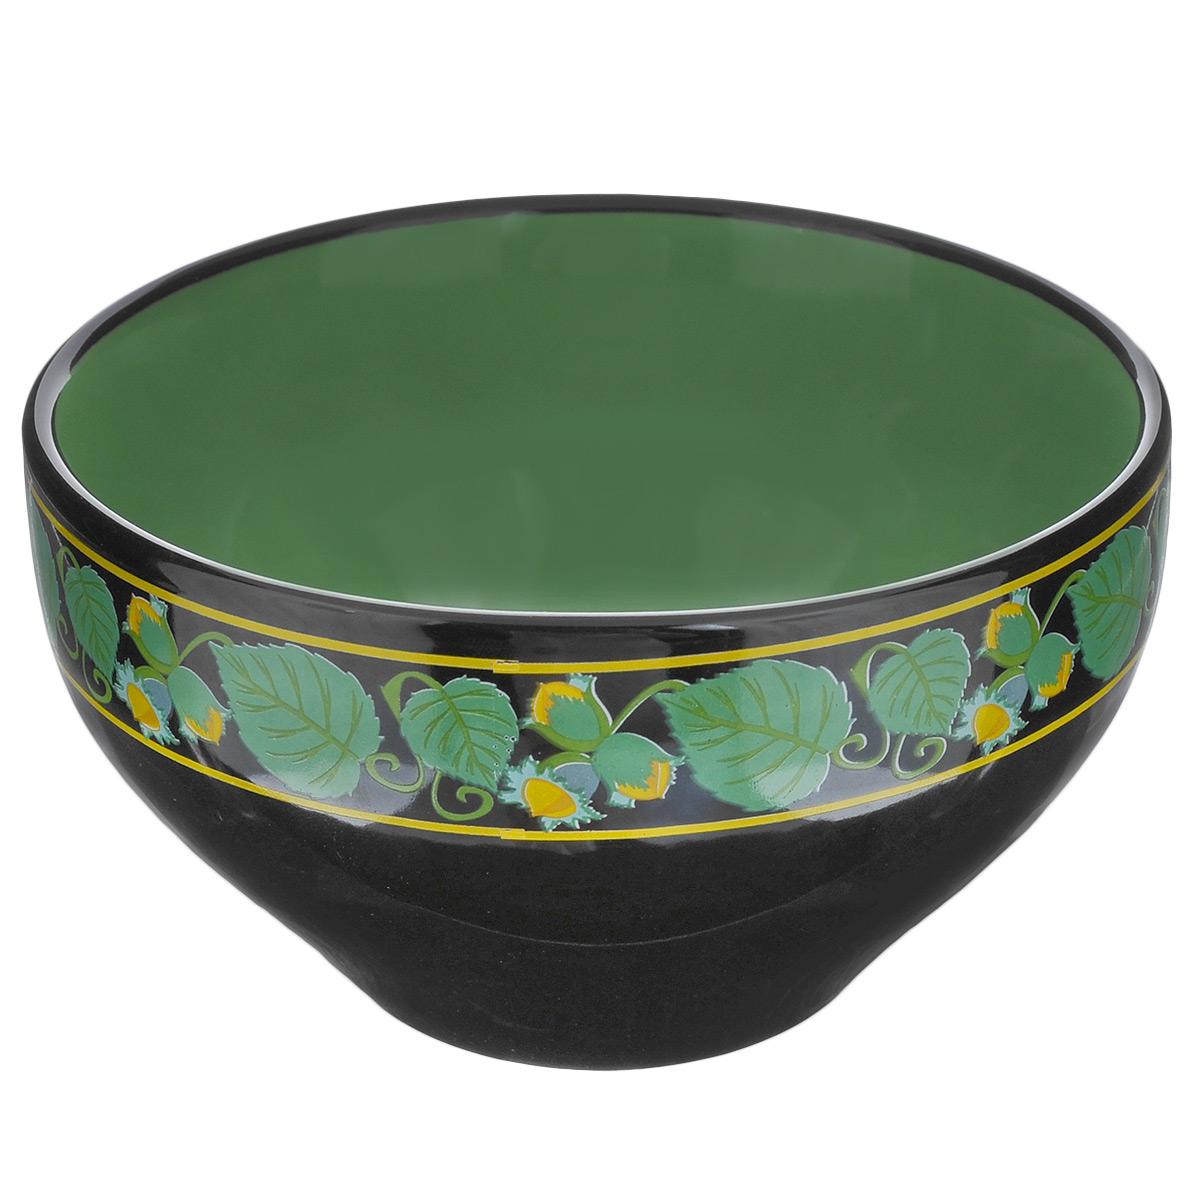 Салатник Лесной орех, круглый, цвет: черный, зеленый, 580 мл. HW S05-ORHW S05-ORКруглый салатник Лесной орех изготовлен из керамики и идеально подходит для сервировки стола. Салатник не только украсит ваш кухонный стол и подчеркнет прекрасный вкус хозяйки, но и станет отличным подарком. Диаметр салатника: 13,5 см. Высота салатника: 8 см. Объем салатника: 580 мл.